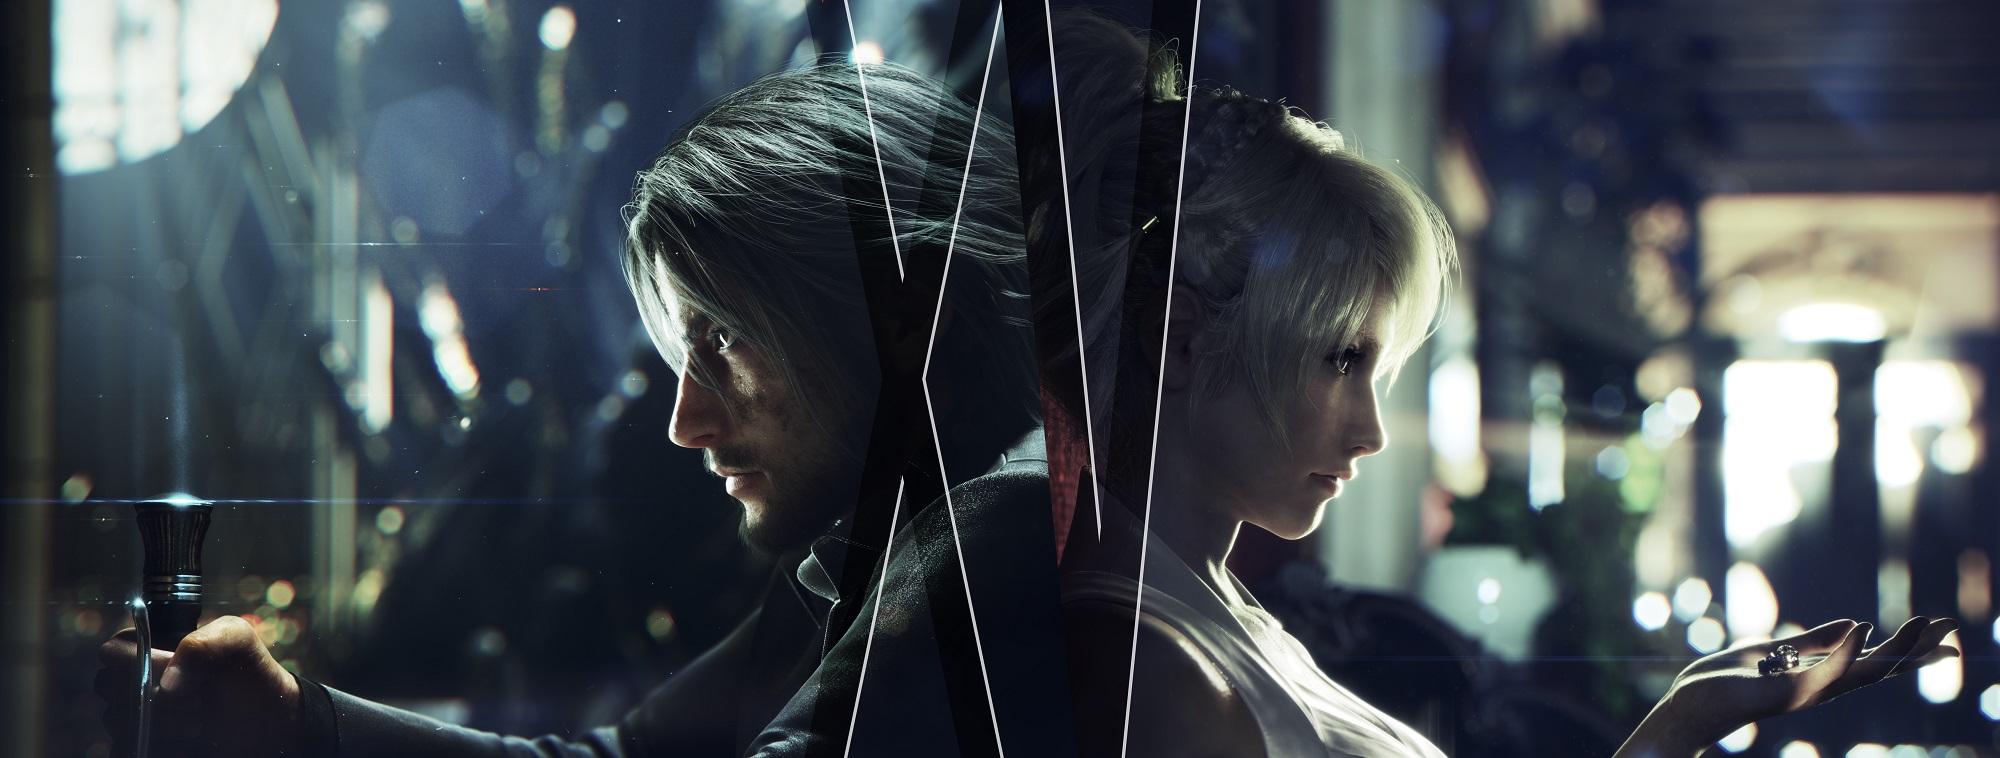 La demo di Final Fantasy XV: Windows Edition e il pacchetto speciale dedicato a Half-Life!